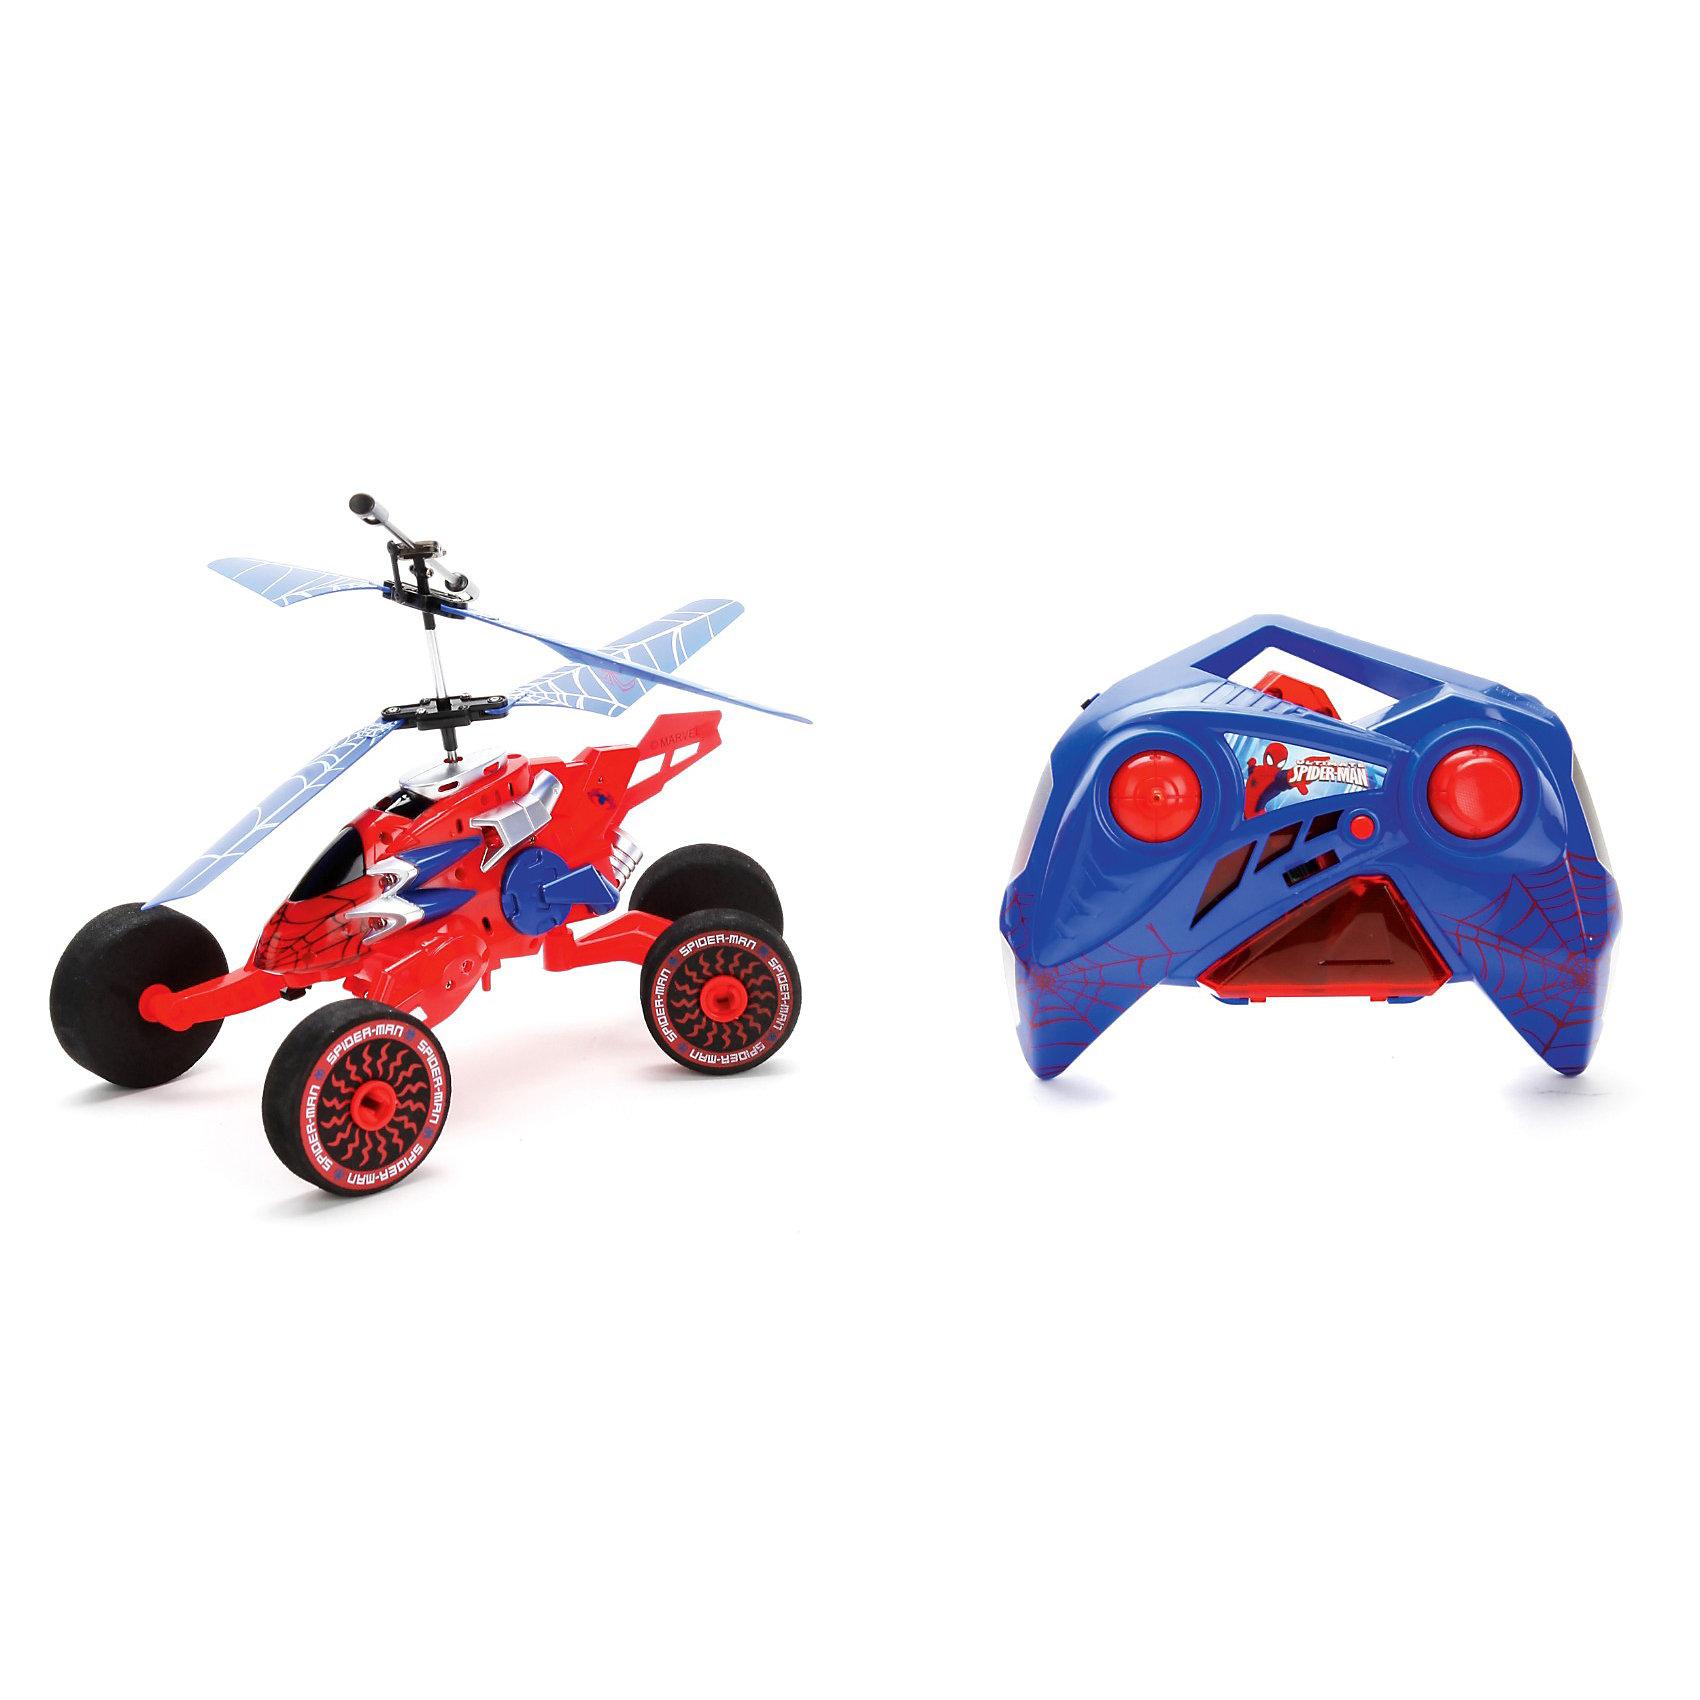 Радиоуправляемый вертолет со светом, Человек-ПаукИгрушки<br>Радиоуправляемый вертолет Человек-паук, со светом, ТЕХНОПАРК - замечательная игрушка, которая надолго увлечет Вашего малыша.<br><br>При помощи пульта управления игрушечный вертолетик ездит, может летать вверх-вниз, кружить, выписывать в воздухе прямоугольники, восьмерки, кружиться и даже неподвижно зависнуть в воздухе! <br>Воздушная машина имеет стабилизатор и регулятор направления. Во время работы у вертолета работают интерактивные пилотные огни. <br><br>Вертолет управляется с инфракрасного двухканального пульта. Дальность полета вертолета до 10 м., время зарядки 40-50 мин. <br>Игрушка работает от встроенного аккумулятора, который можно зарядить либо от пульта управления, либо от специального USB-зарядного устройства.<br><br>Дополнительная информация:<br><br>- На и/к управлении.<br>- Ездит, летает, со светом.<br>- Размеры упаковки: 28 х 15 х 29 см.<br>-Вес: 790 гр.<br><br>Радиоуправляемый вертолет Человек-паук (Spider-Man), со светом, ТЕХНОПАРК можно купить в нашем интернет-магазине.<br><br>Ширина мм: 280<br>Глубина мм: 150<br>Высота мм: 290<br>Вес г: 790<br>Возраст от месяцев: 36<br>Возраст до месяцев: 120<br>Пол: Мужской<br>Возраст: Детский<br>SKU: 3611777